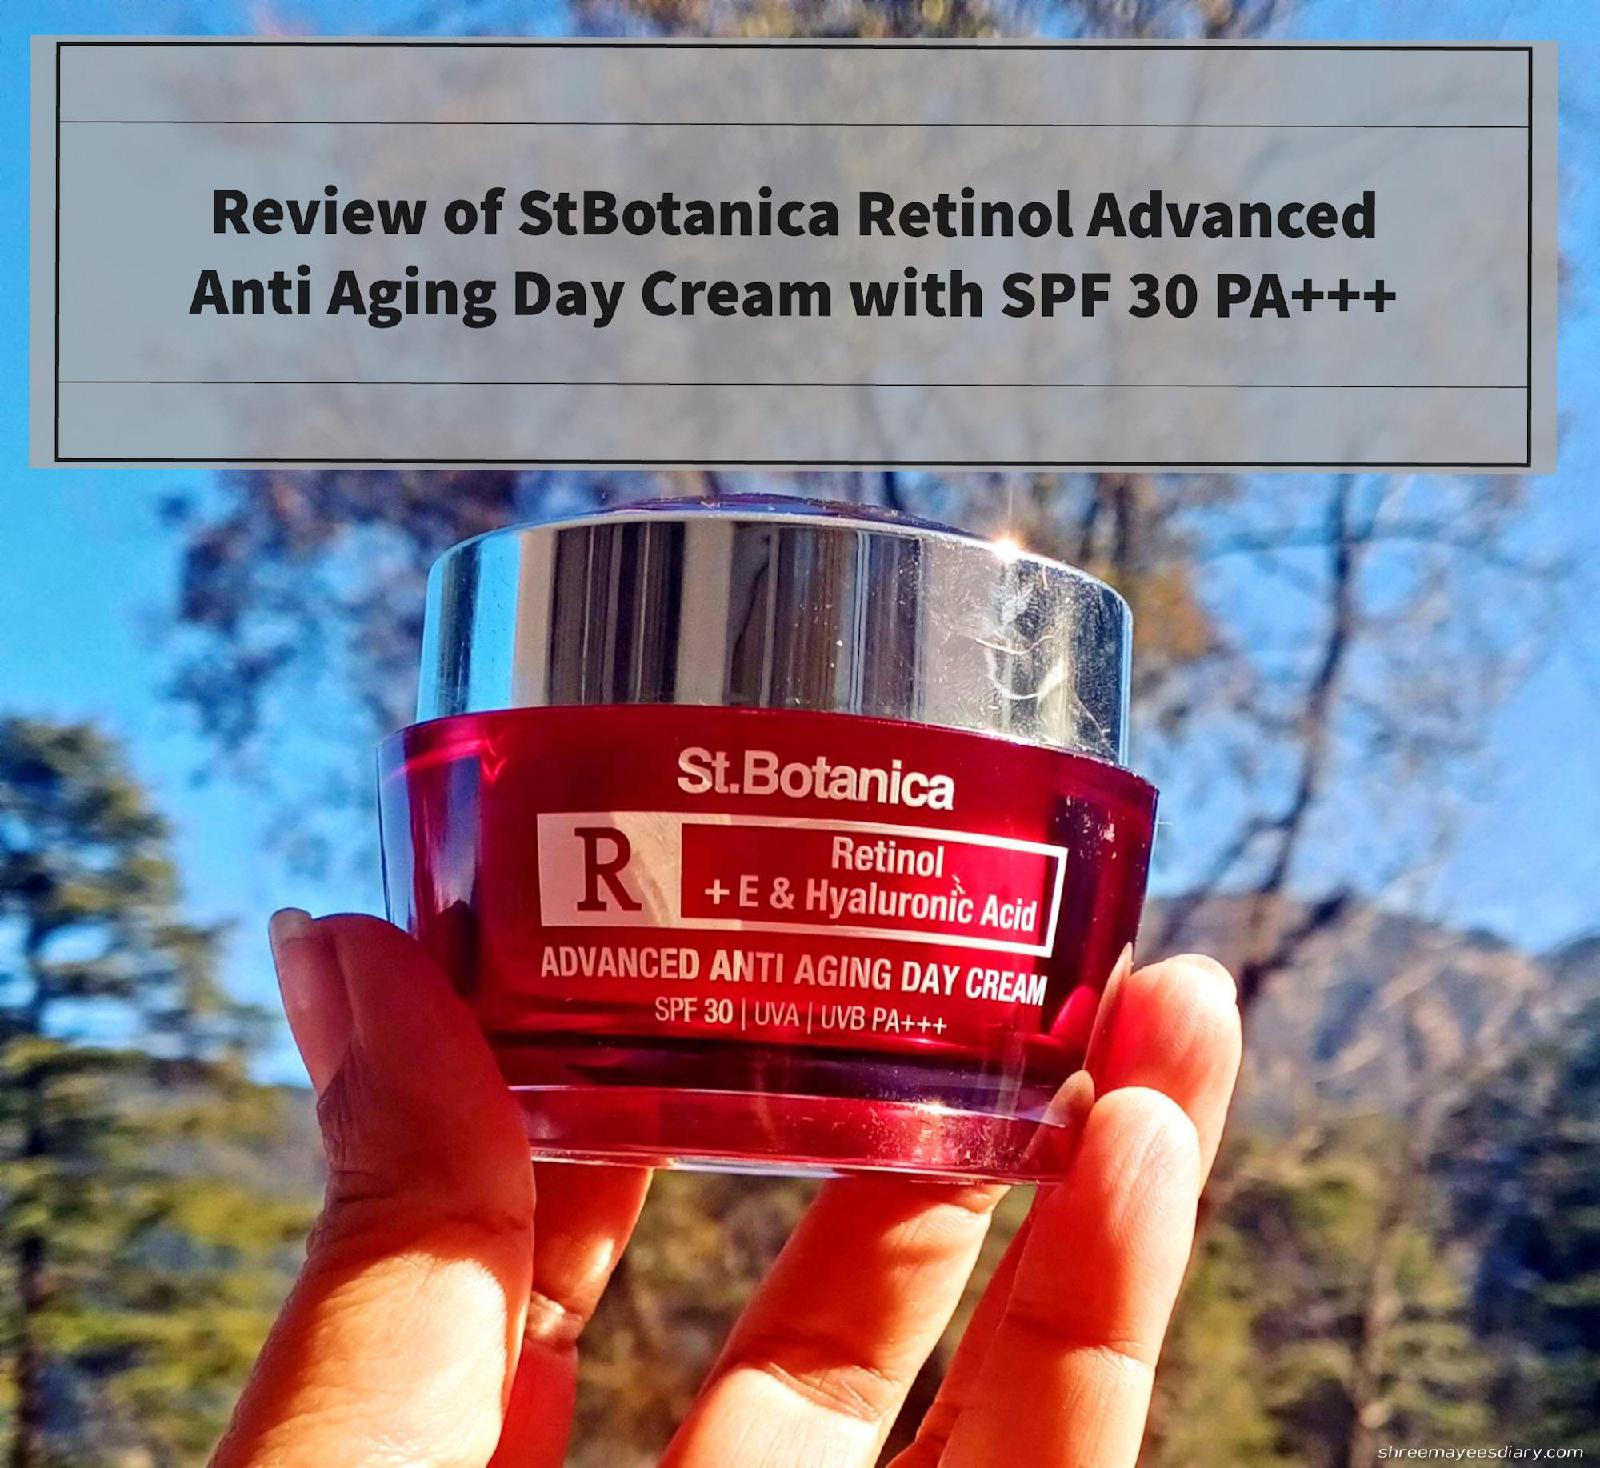 Day cream, retinol, hyaluronic acid